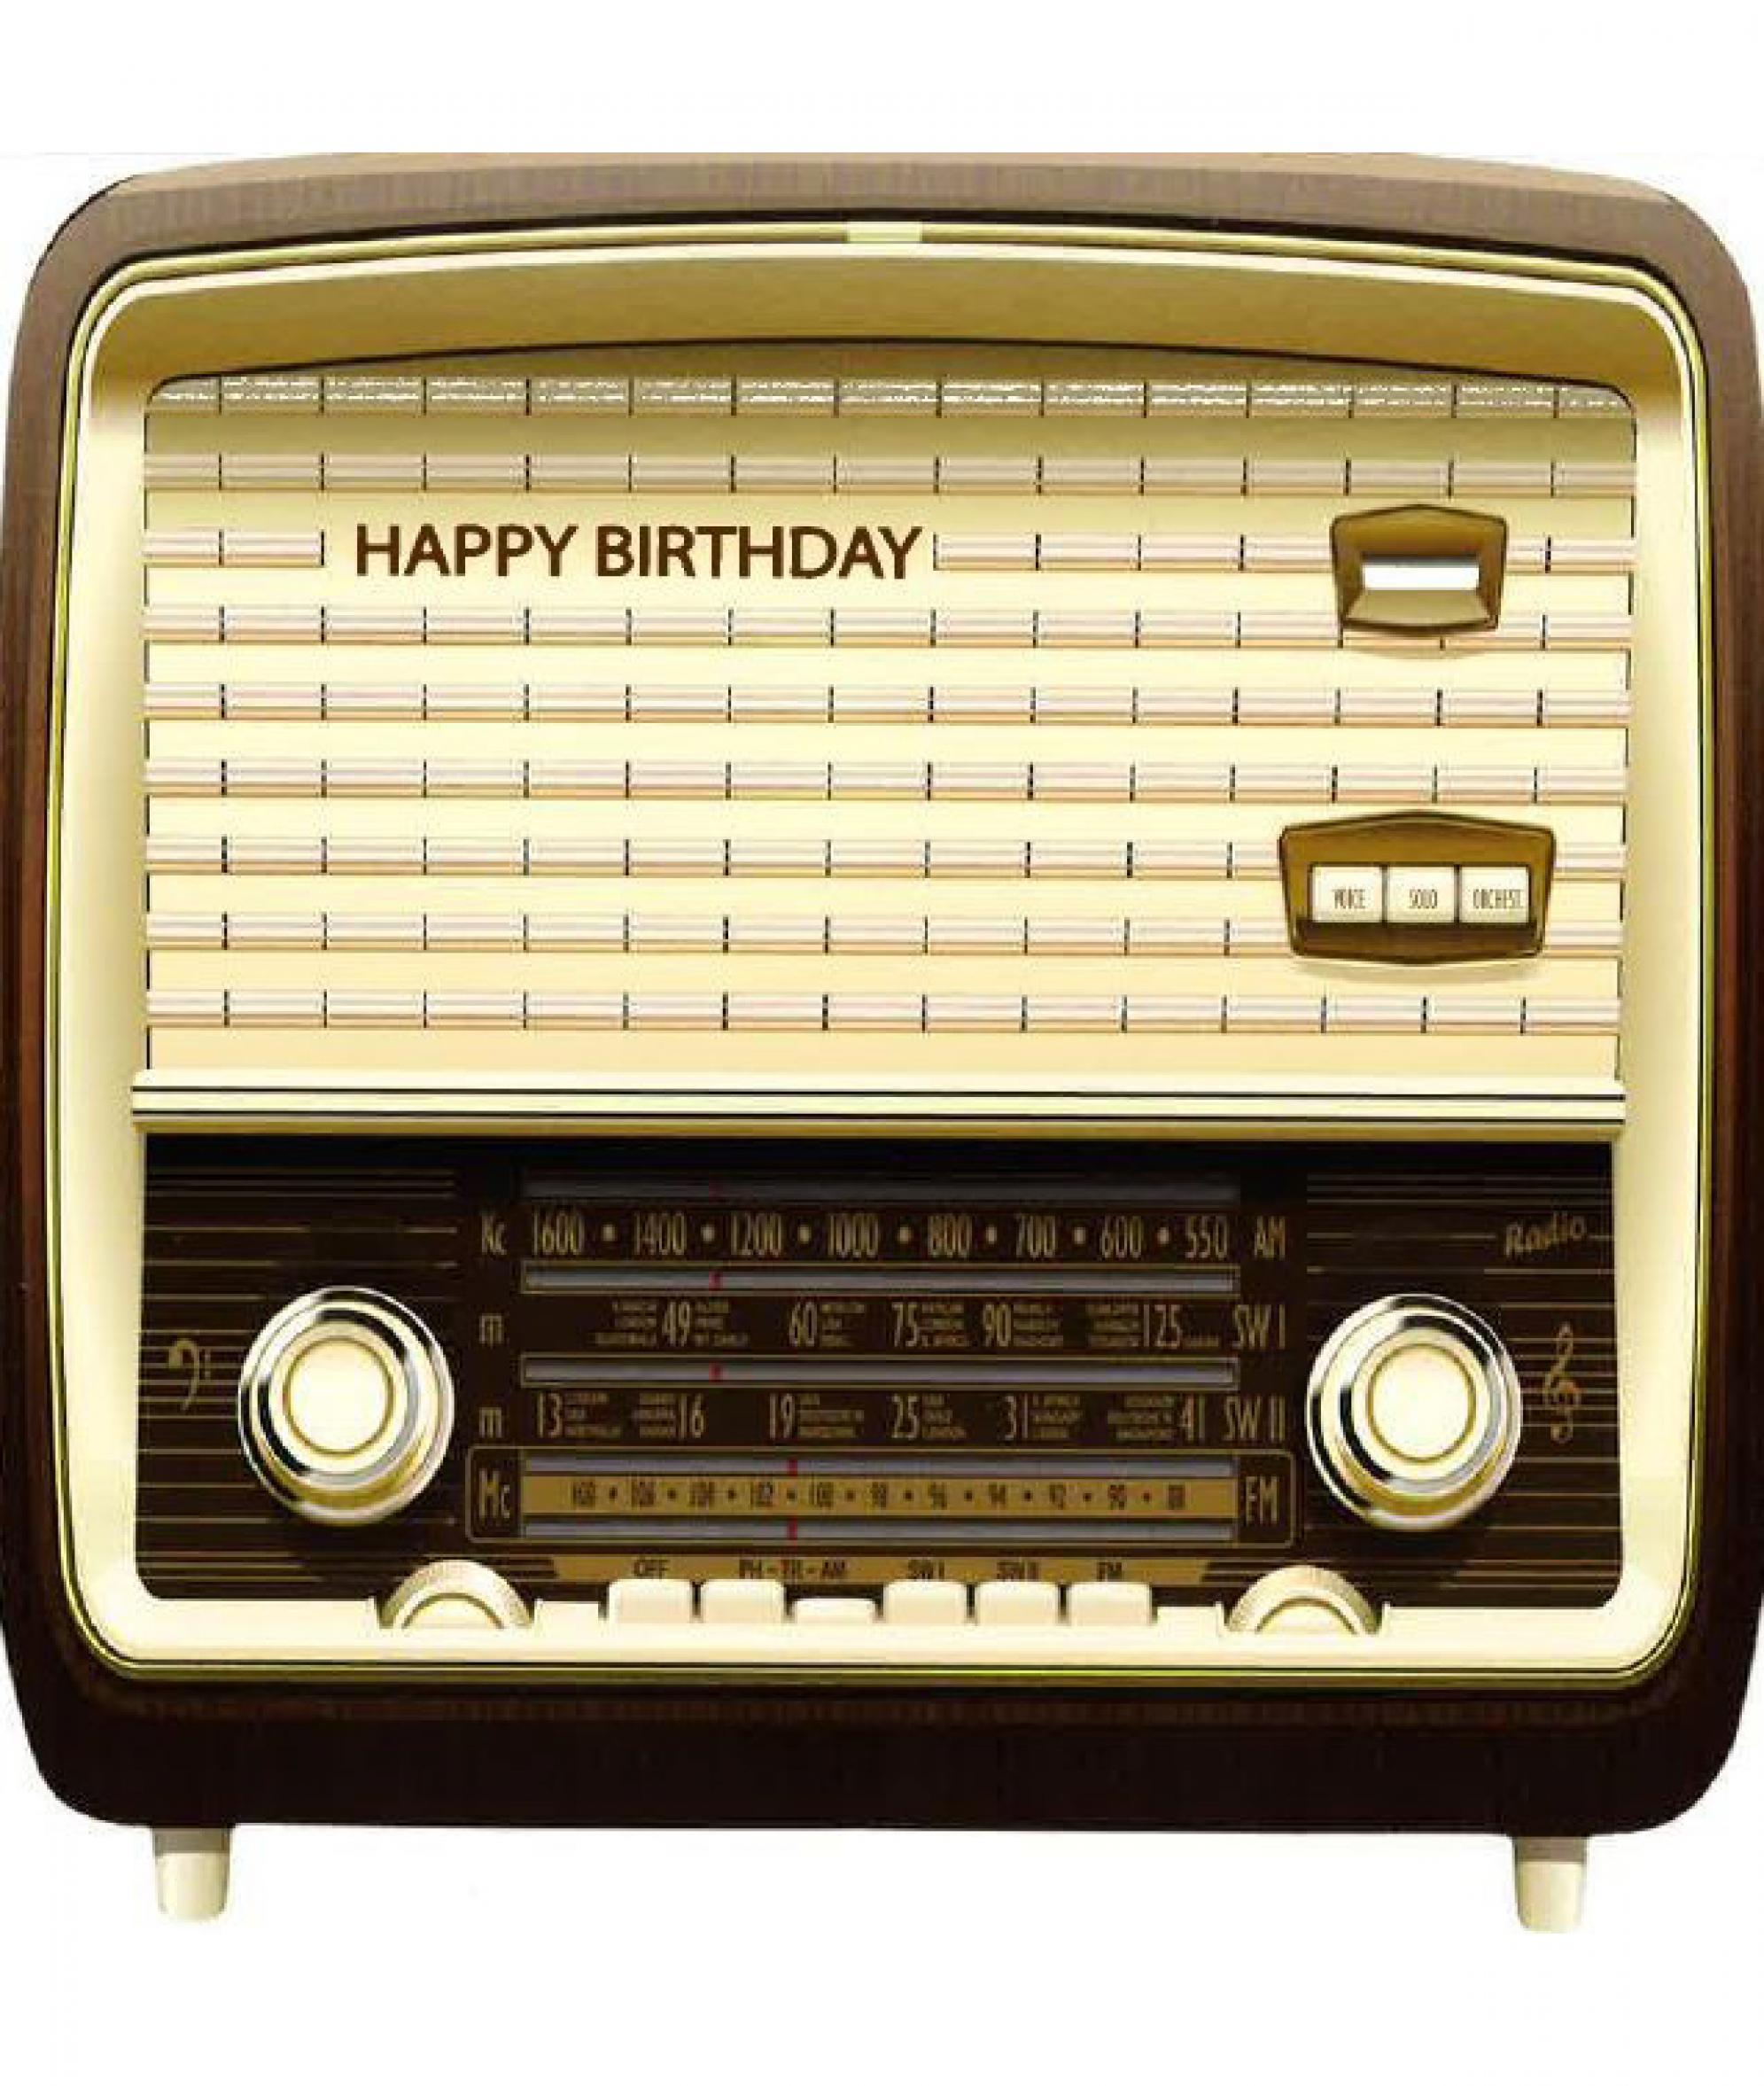 Old Fashion Radio Happy Birthday Card